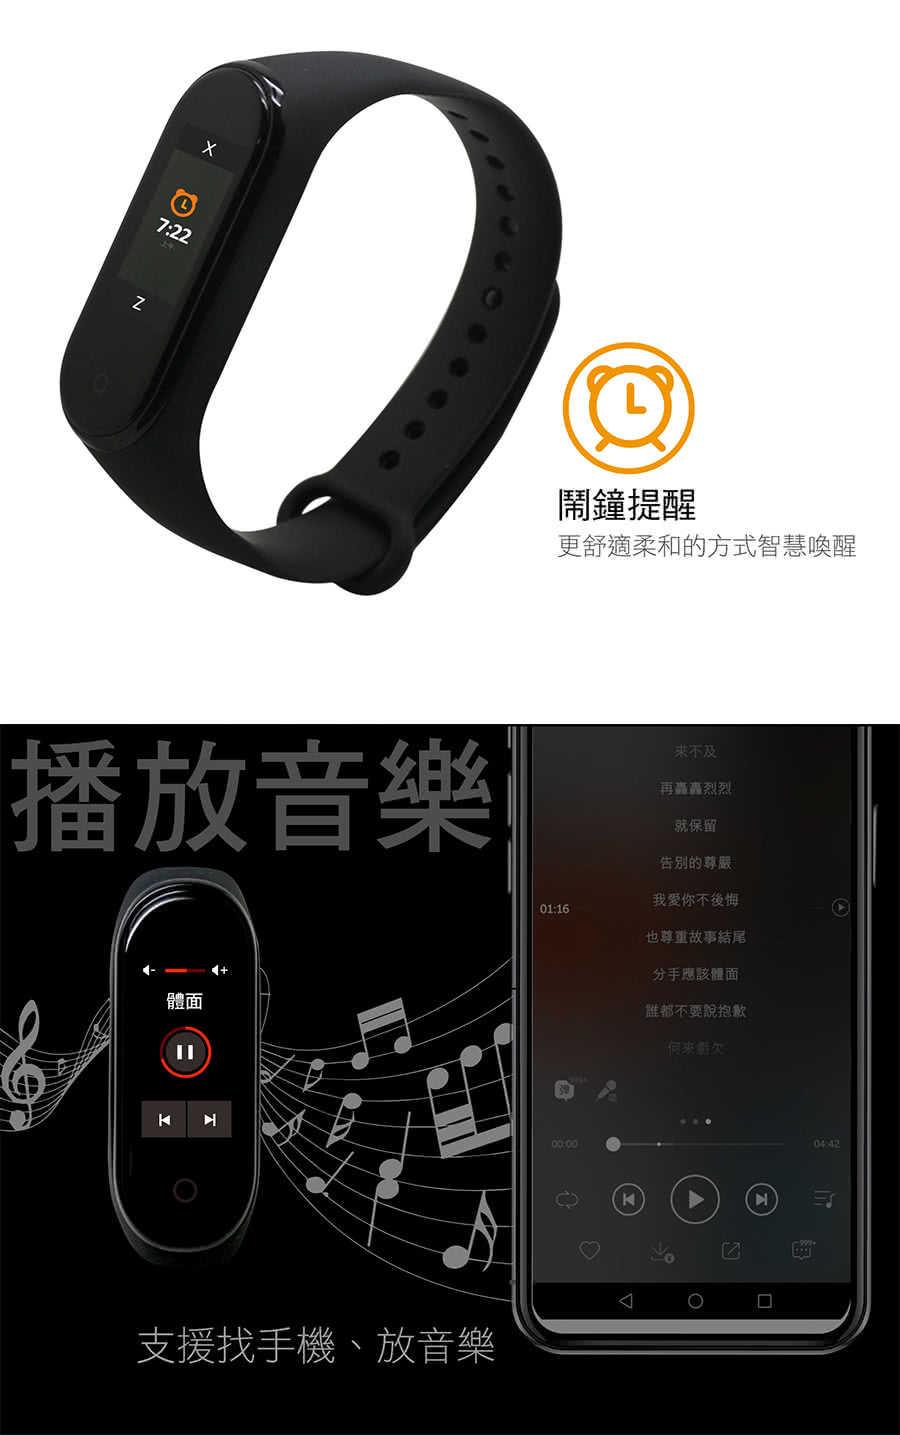 小米手環4 小米4 AMOLED 全彩螢幕 手環4 計步 心率 睡眠